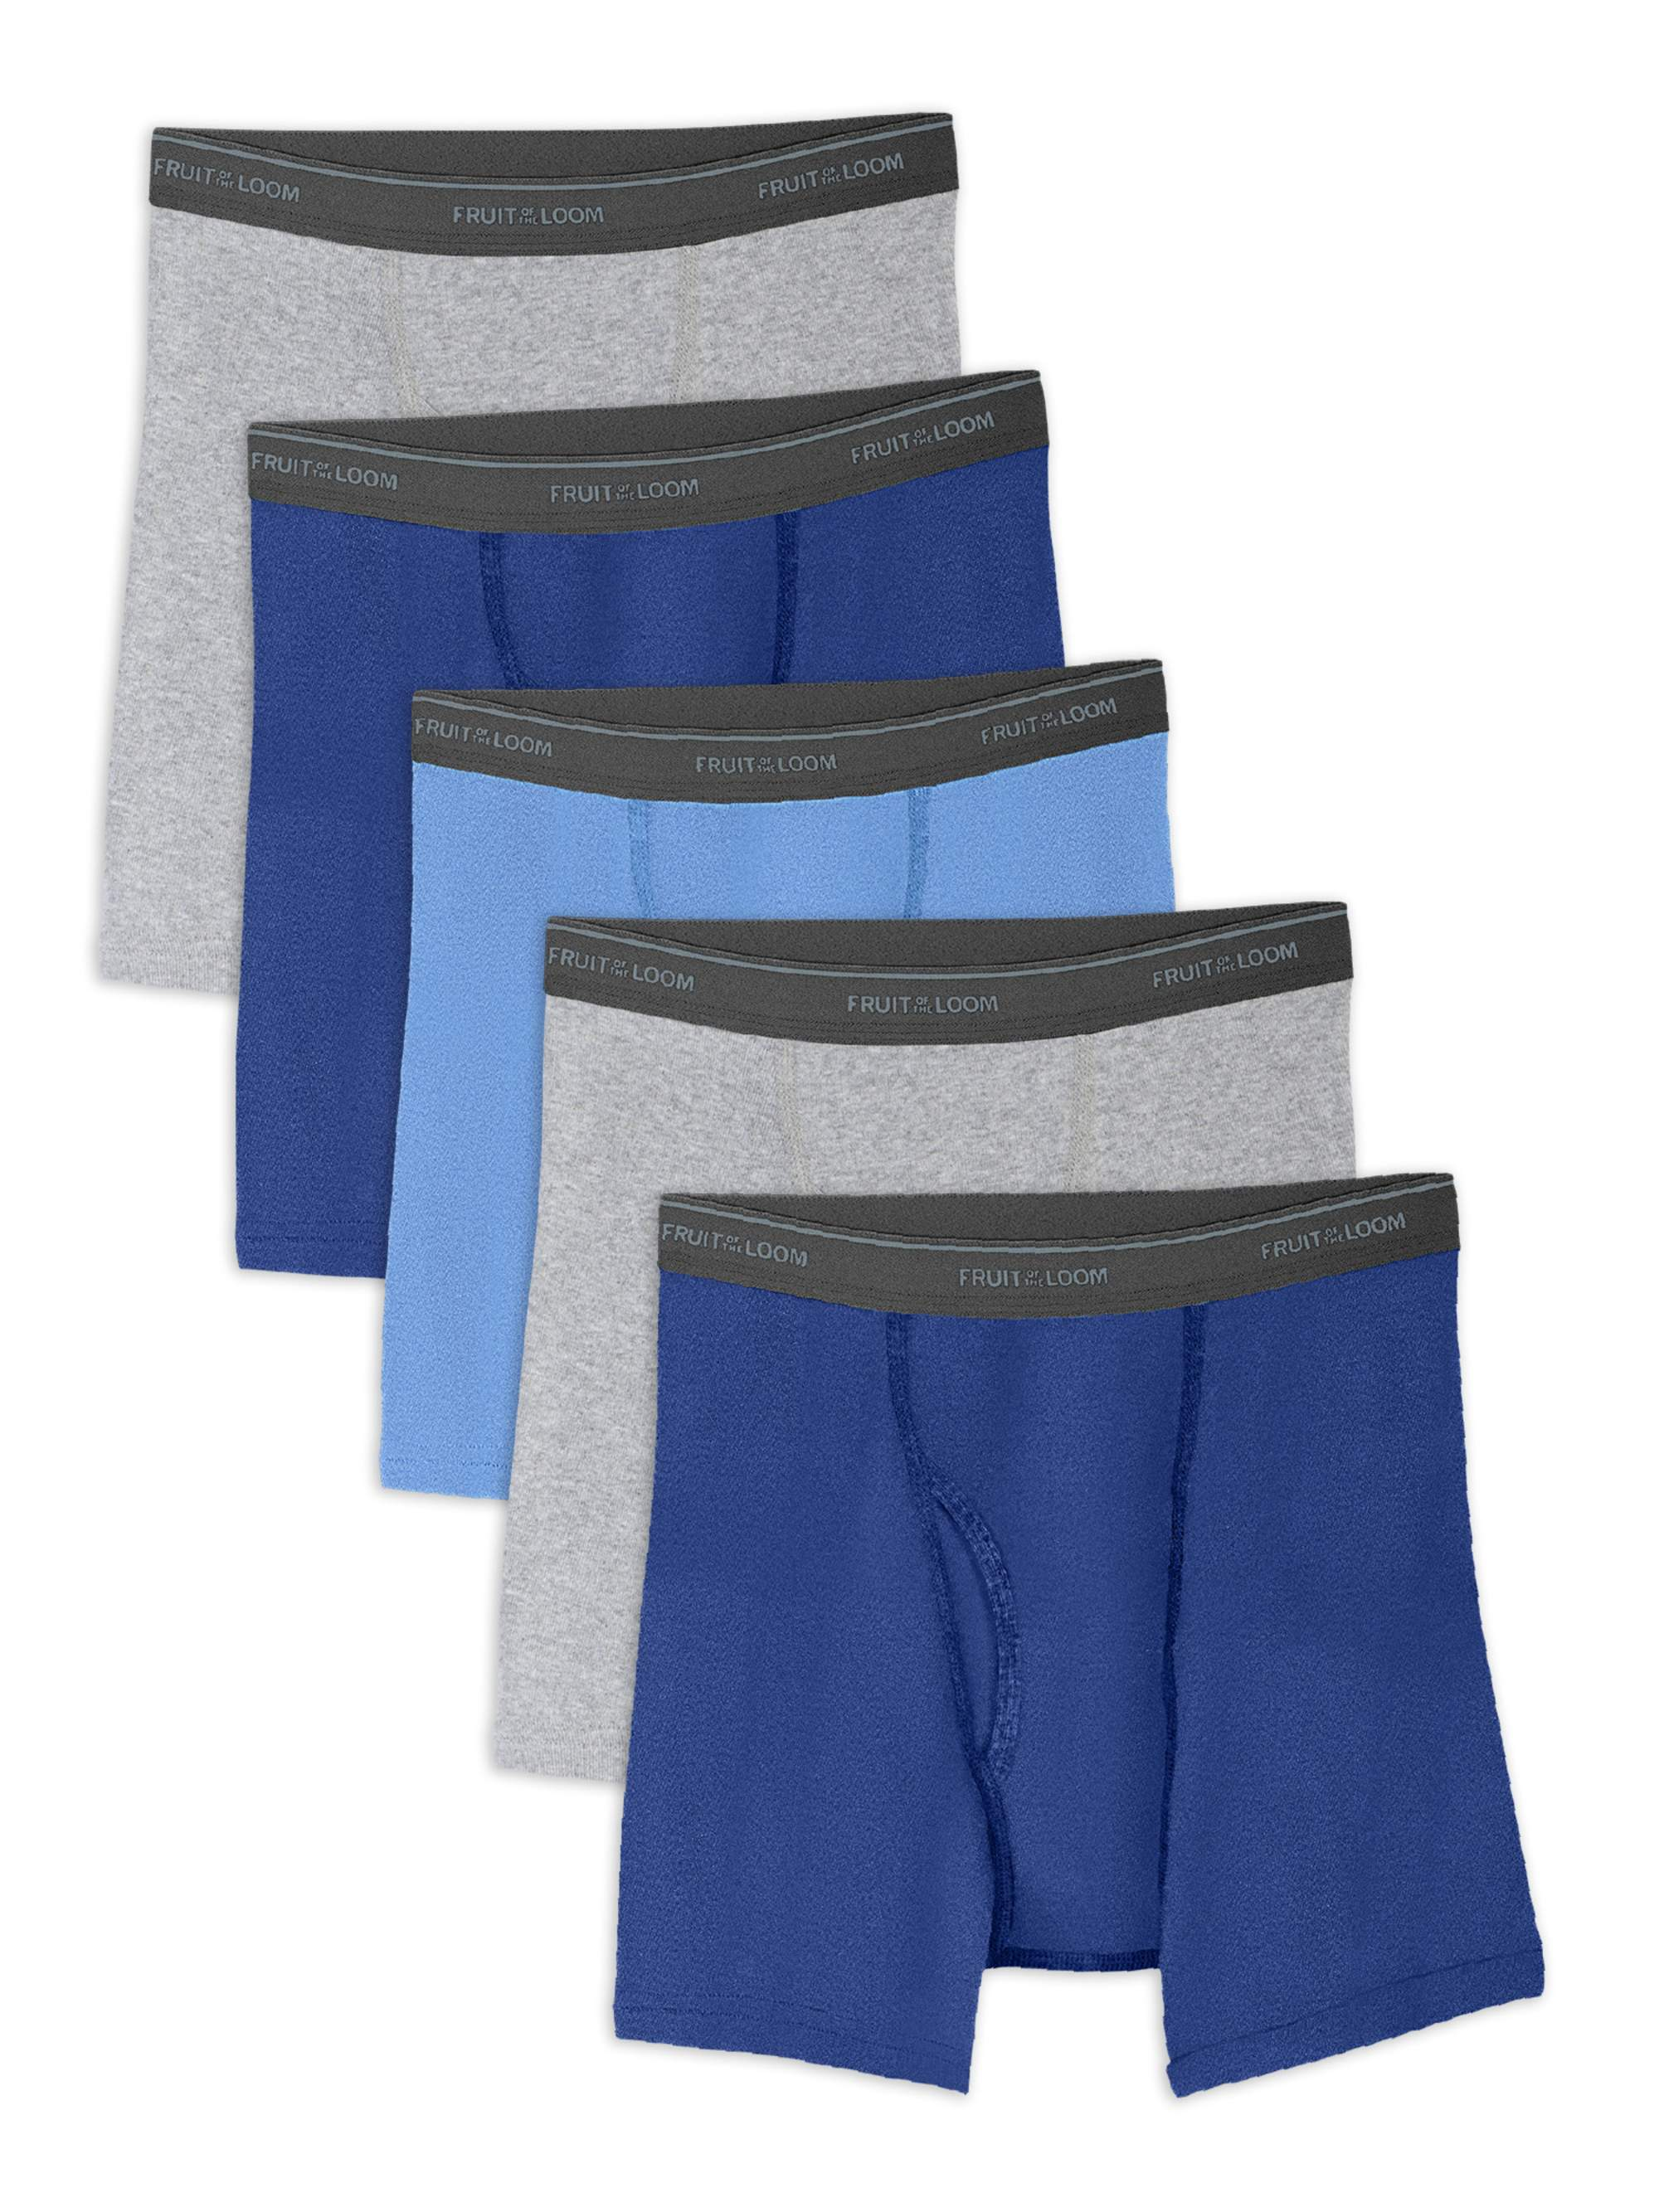 Husky Boys' Assorted Cotton Boxer Briefs, 5 Pack (Big Boys)